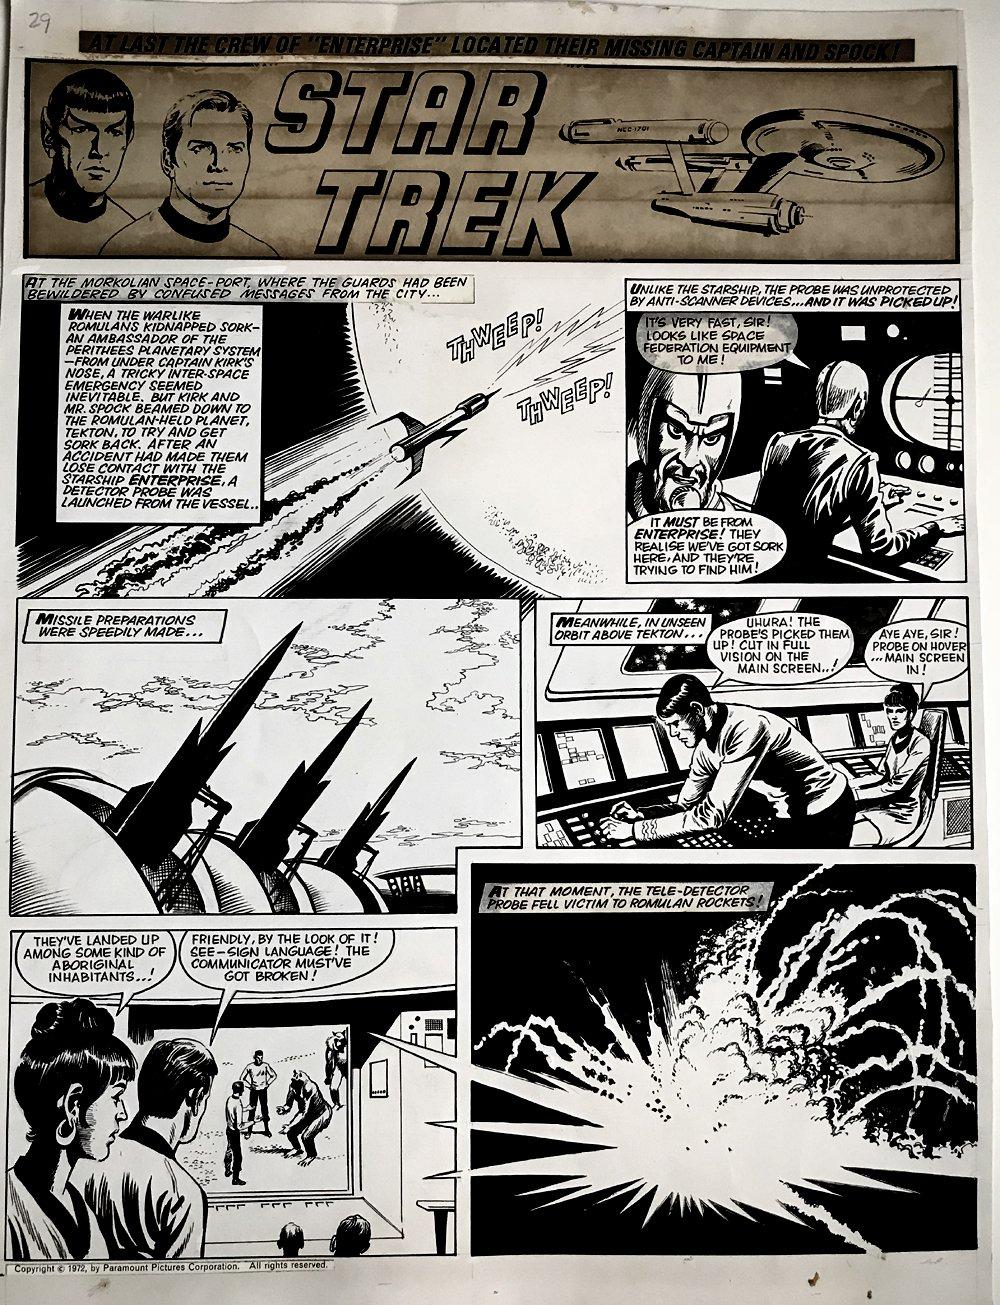 Star Trek Newspaper Strip (HUGE) 9-30-1972